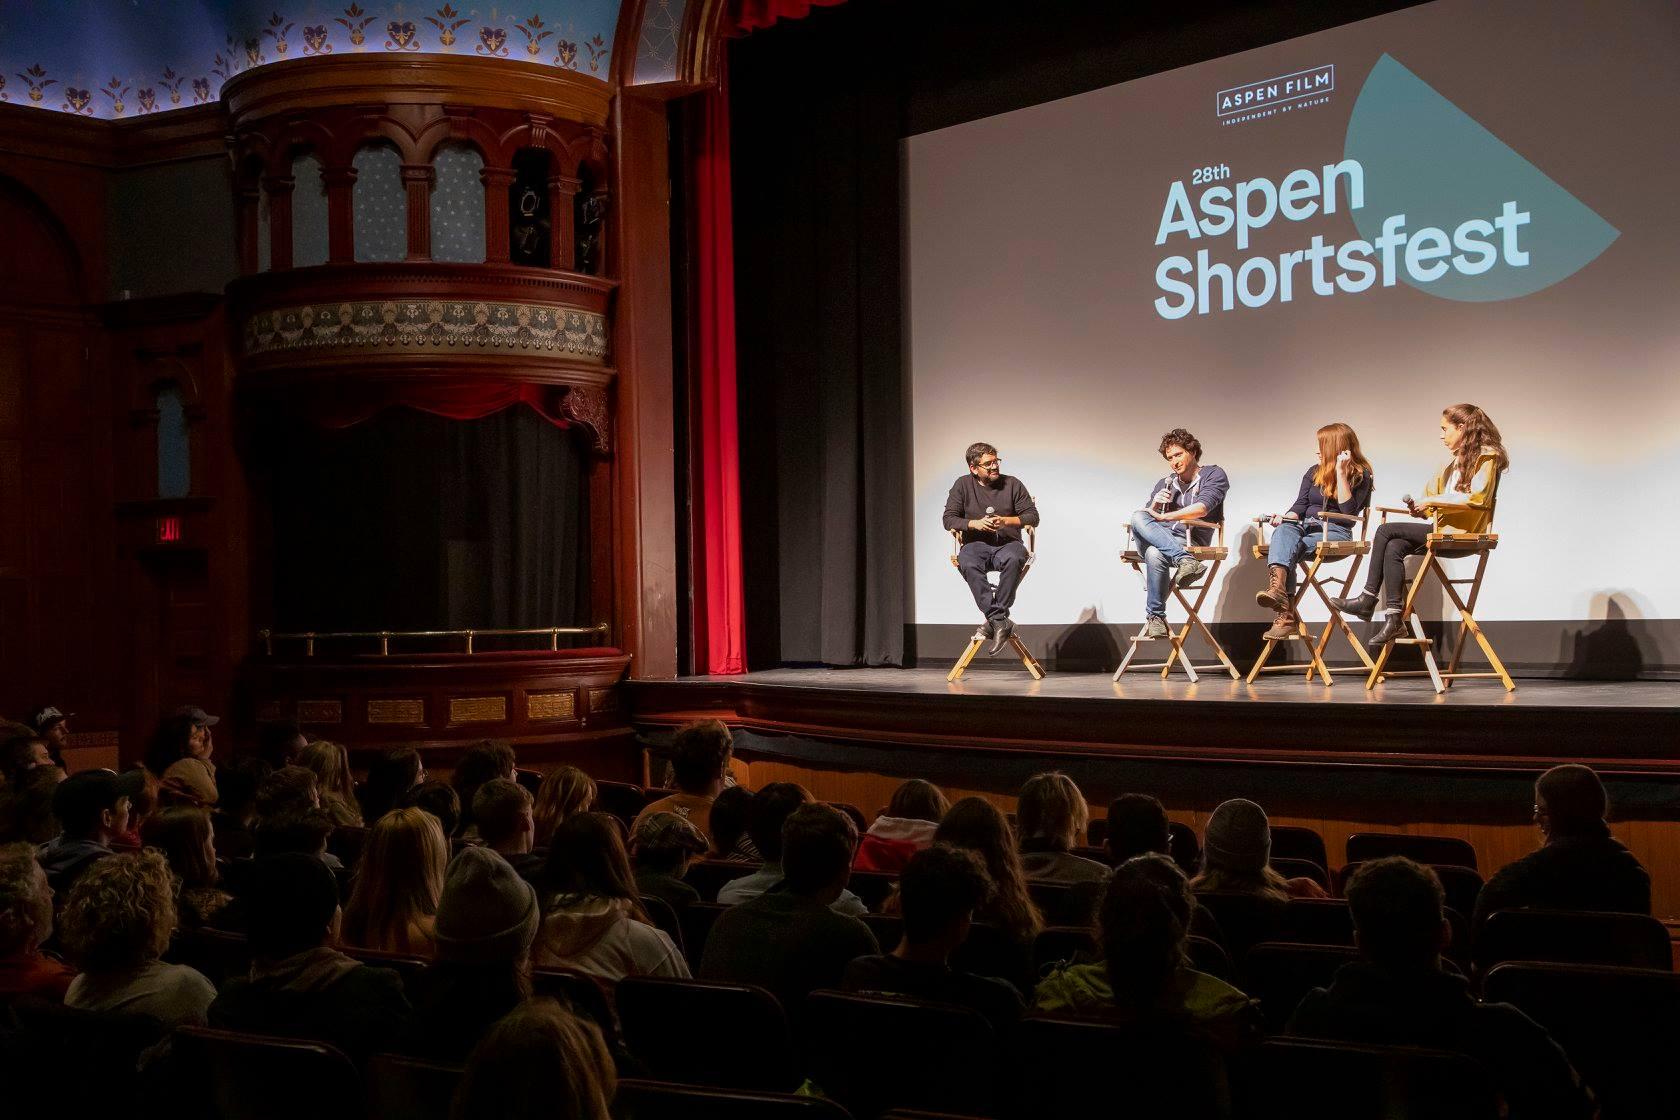 Aspen Short Fest